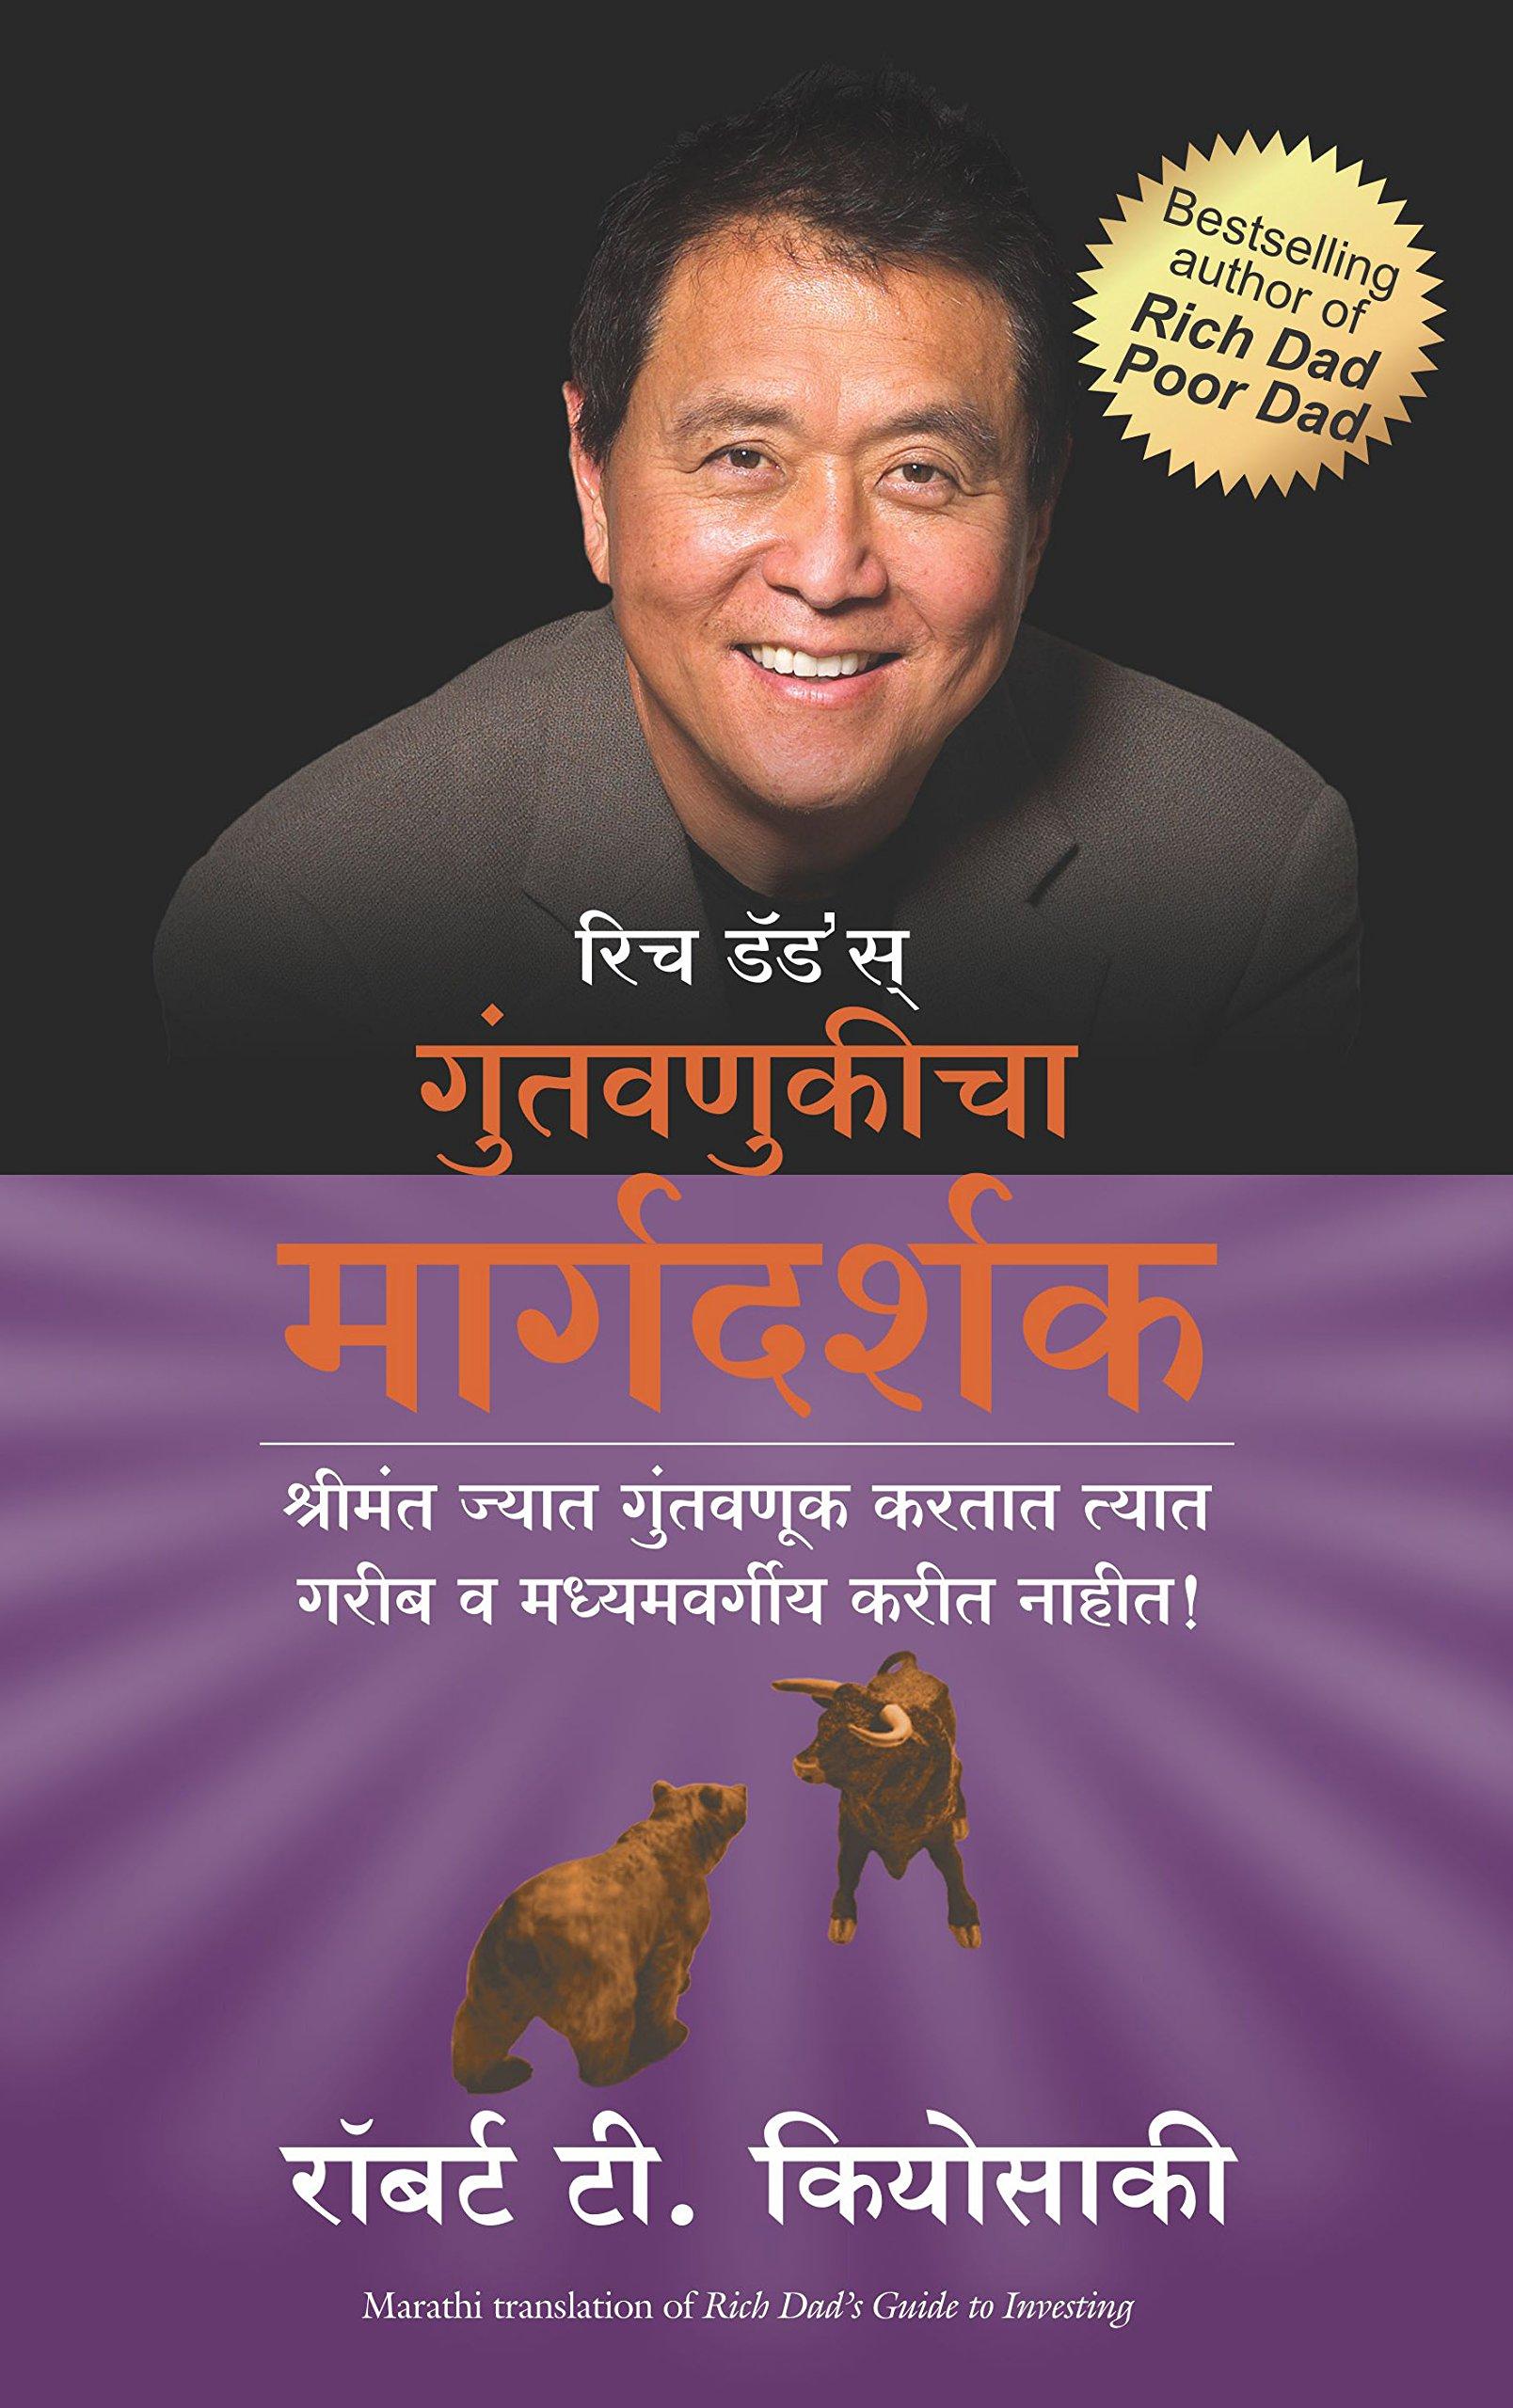 Rich Dad Poor Dad Book In Marathi